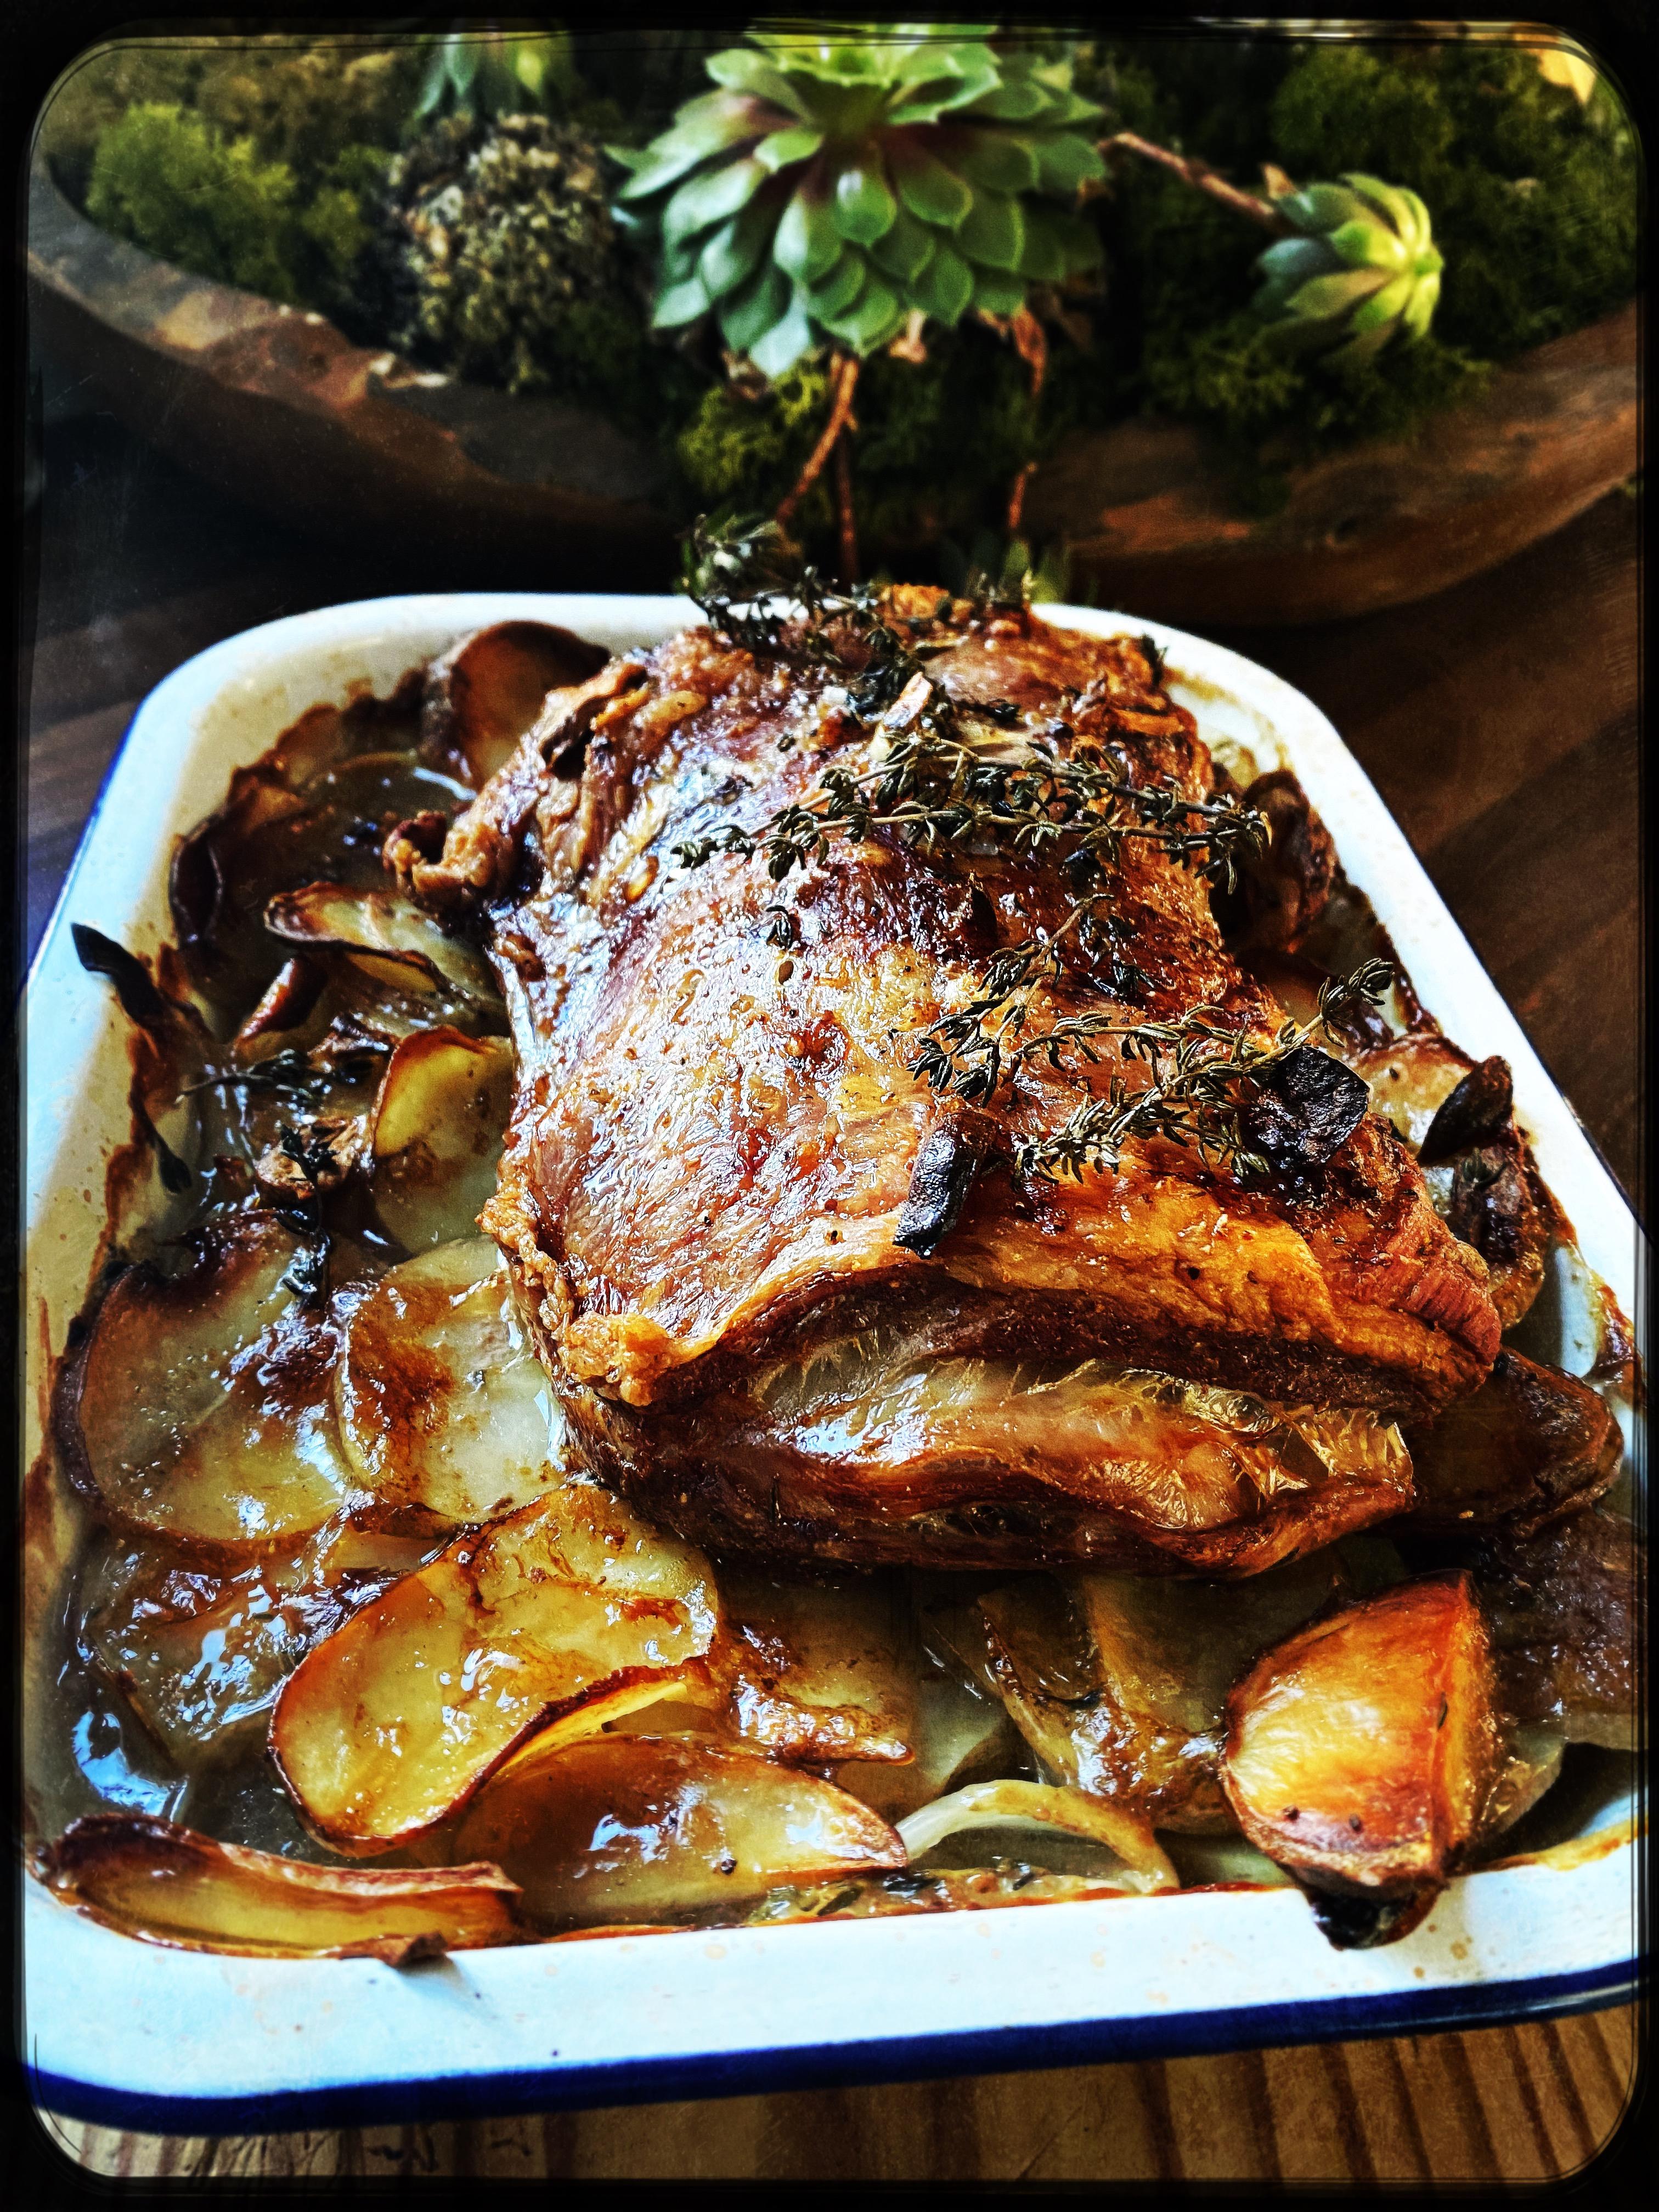 Slow roast lamb shoulder on Boulangère potatoes